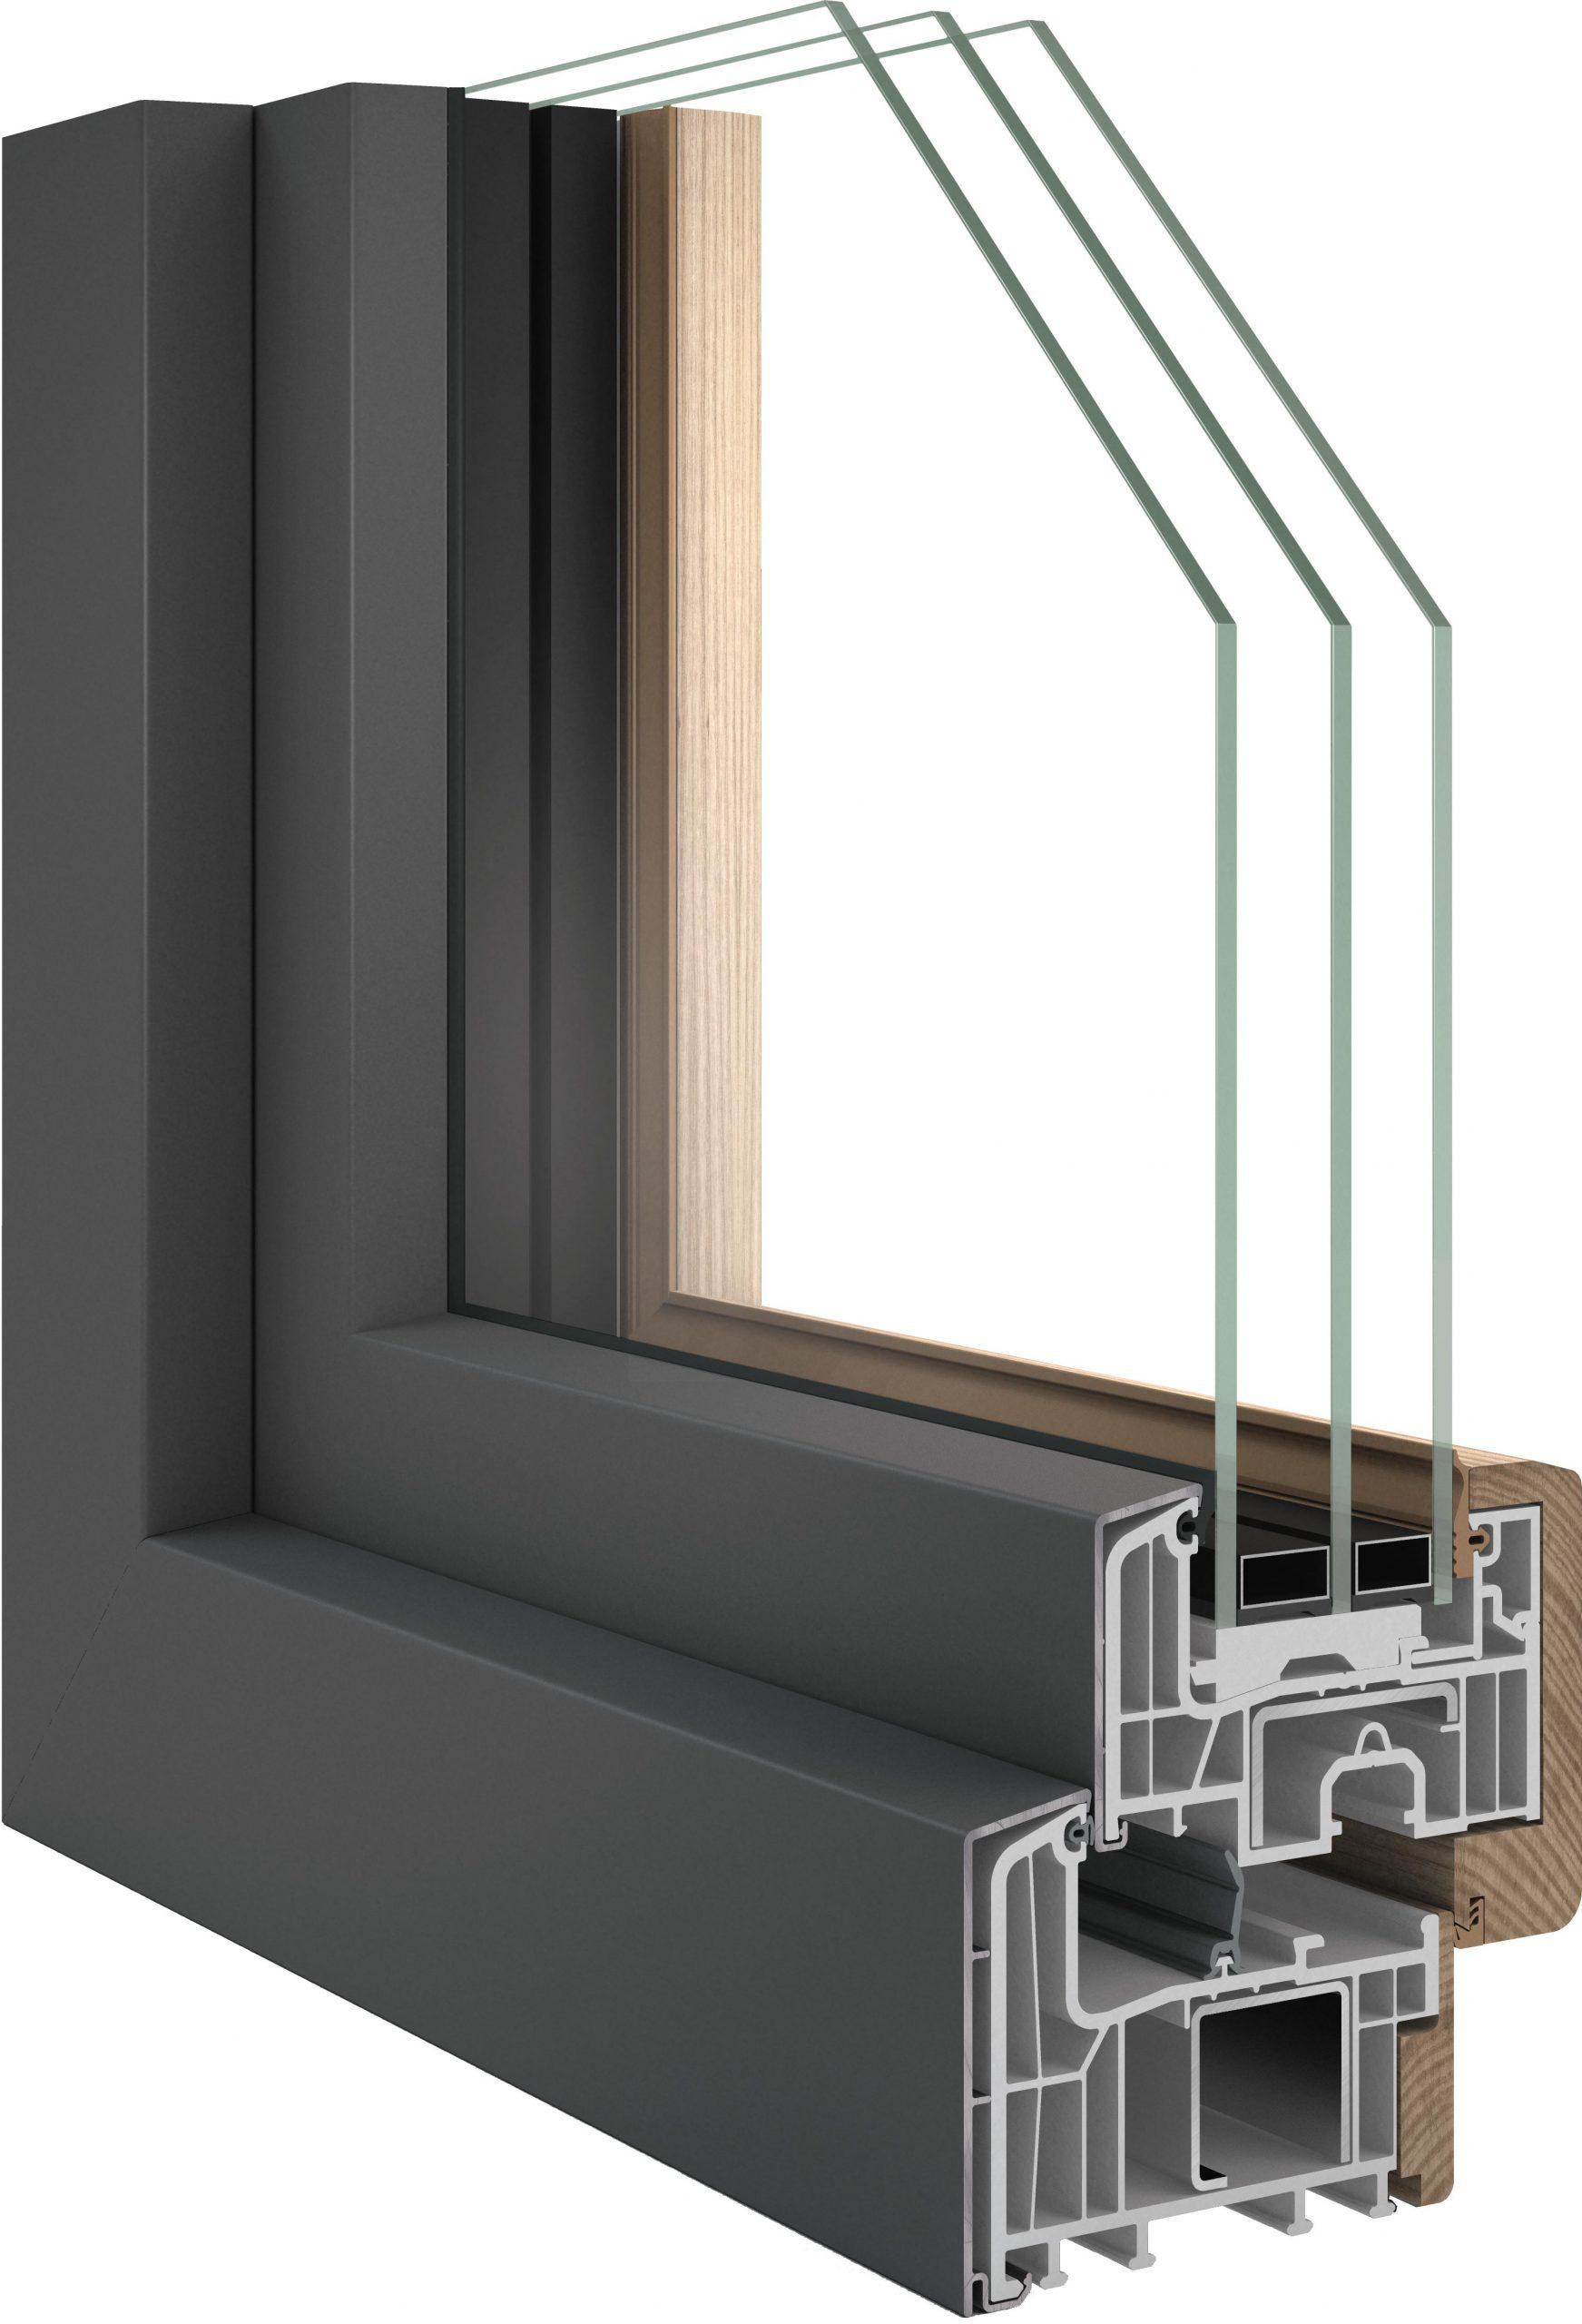 Full Size of Inoutic Fusioniert Kunststoff Fenster Insektenschutz Kaufen In Polen Schüco Alu Rc 2 Austauschen Kosten Marken Nach Maß Einbruchsicher Nachrüsten Schräge Fenster Kunststoff Fenster